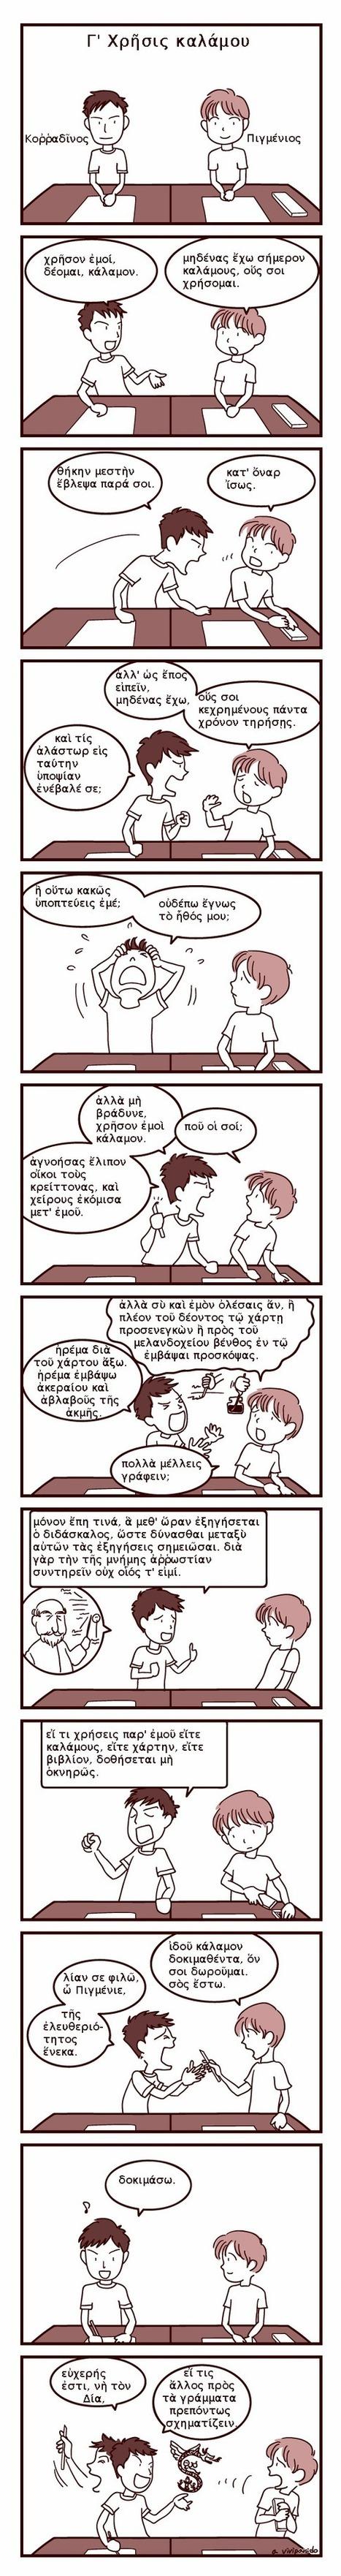 ἑαυτὸν παιδευόμενος: Χρῆσις καλάμου | Griego clásico | Scoop.it